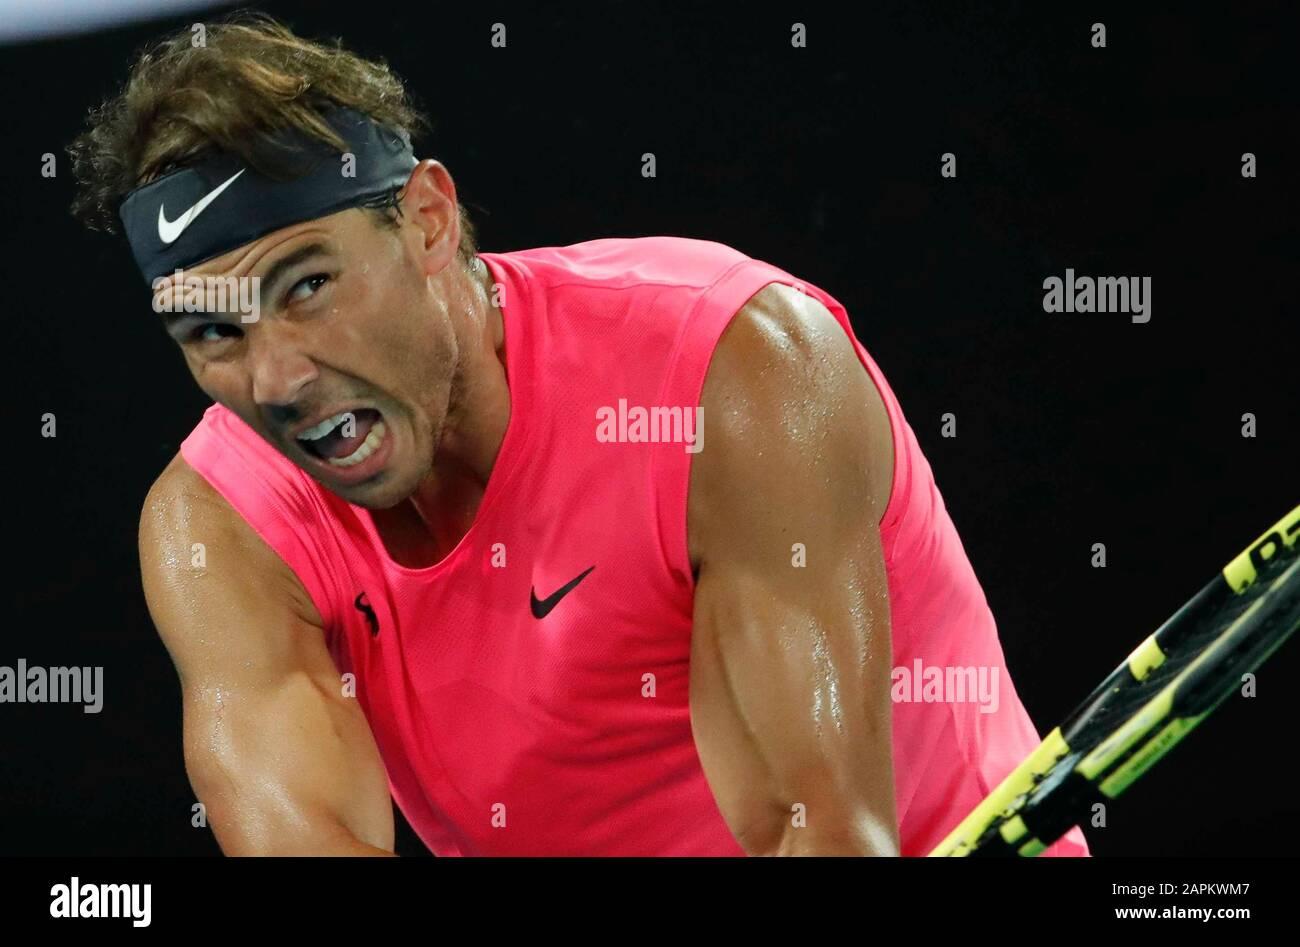 Melbourne, Australia. 23rd Gen 2020. Australian Open Tennis, Rafael Nadal di Spagna in azione durante la partita contro Federico Delbonis di Argentina (Photo by AGN FOTO/Pacific Press) Credit: Pacific Press Agency/Alamy Live News Foto Stock